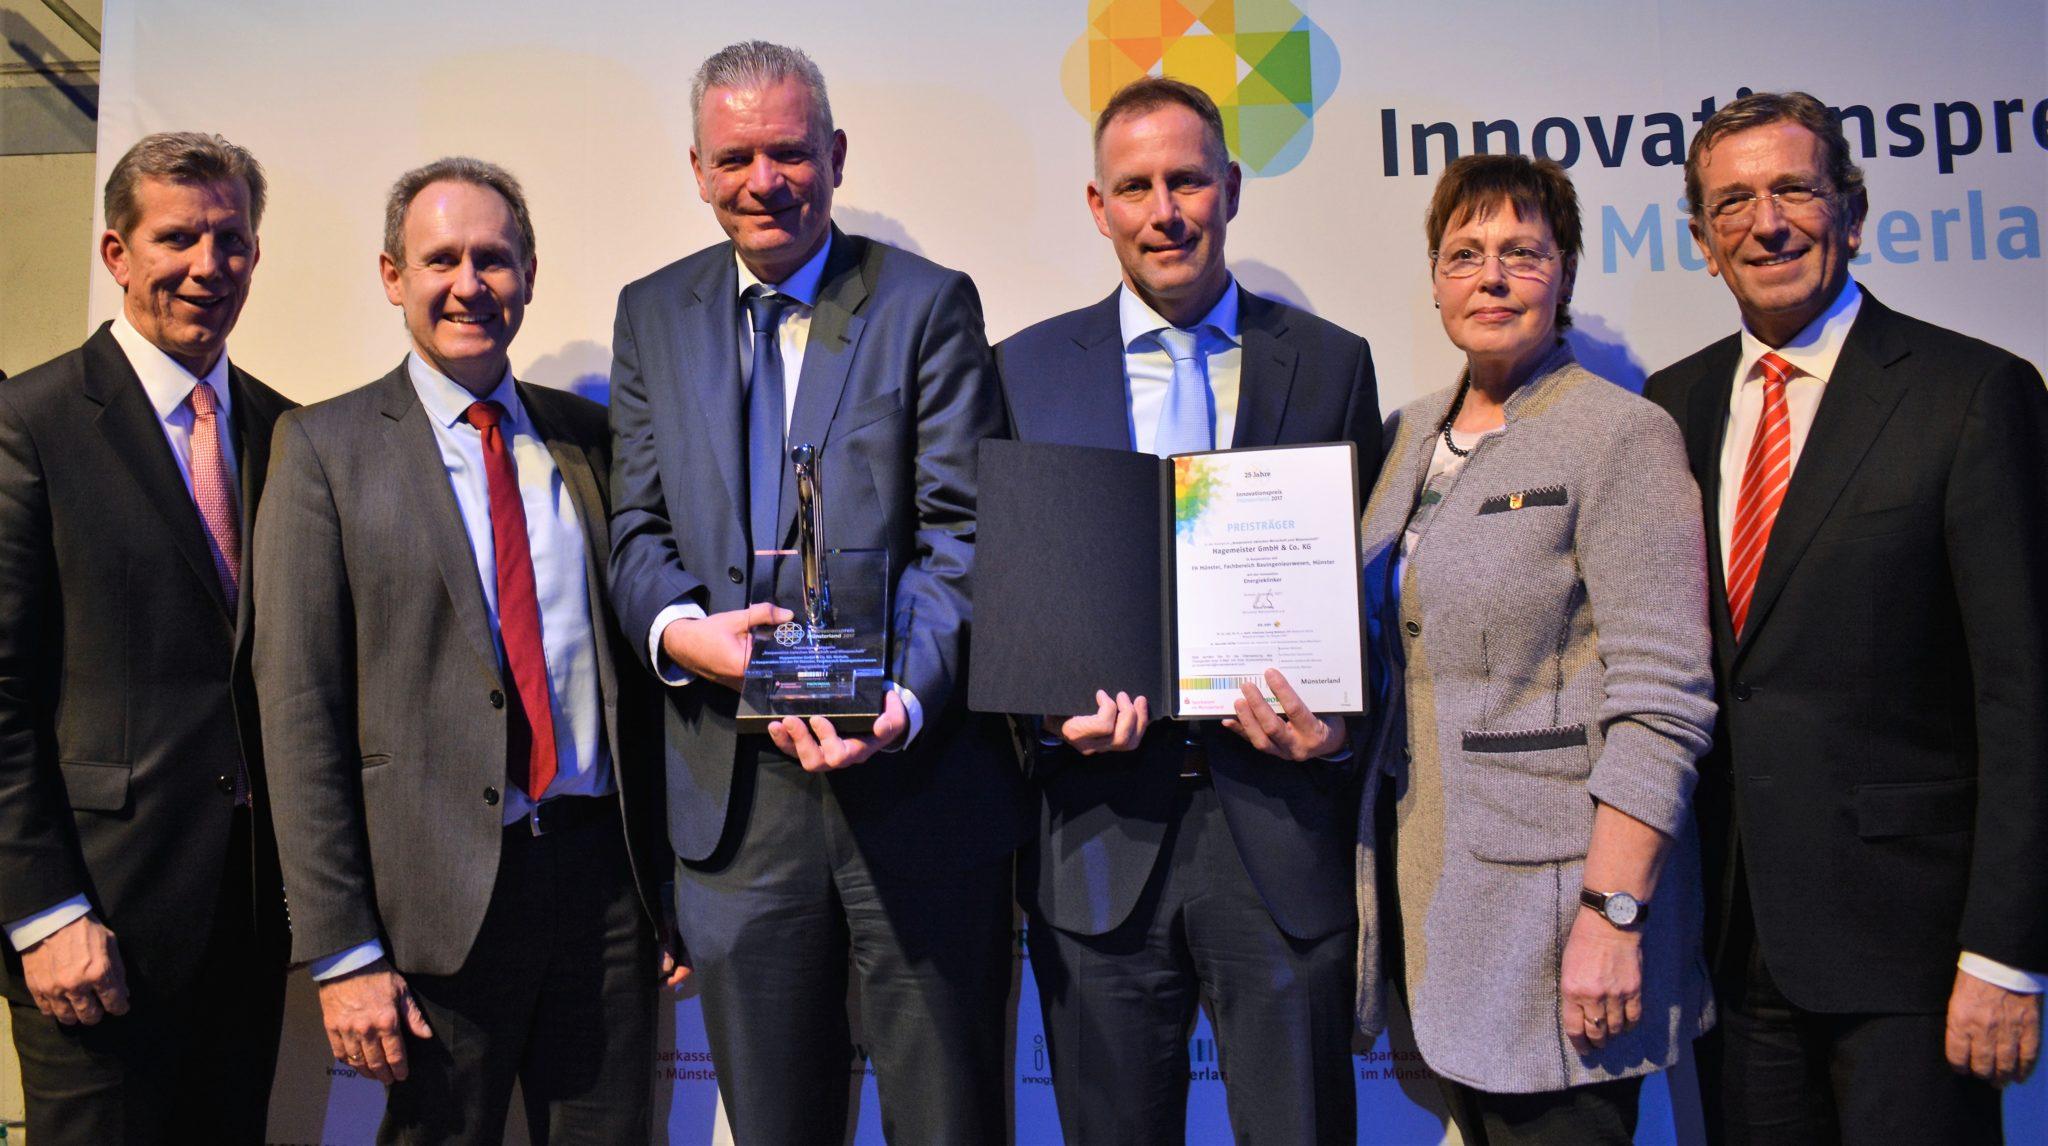 """Klinkerwerk Hagemeister GmbH & Co. KG gewinnt mit Forschungsprodukt """"Energieklinker"""" Innovationspreis Münsterland 2017"""